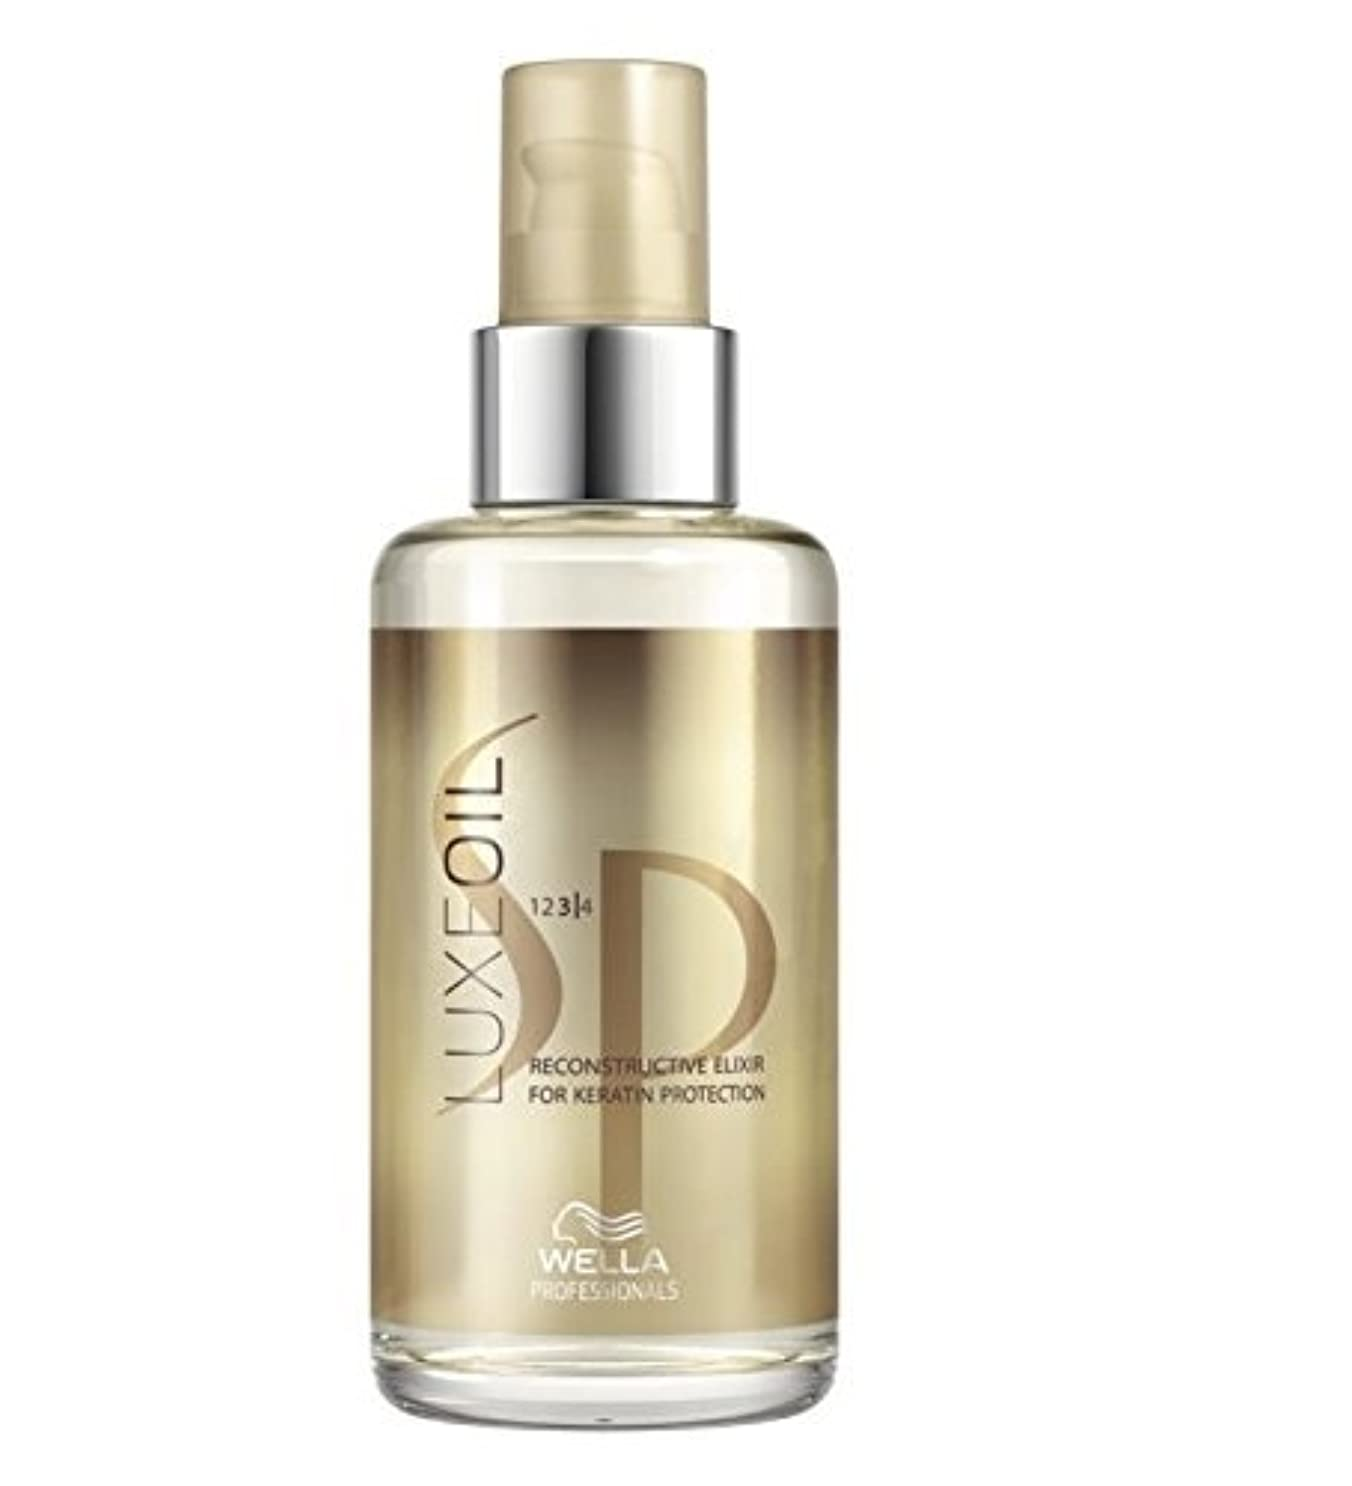 真面目な発送暗記するSP by Wella Luxe Hair Oil Reconstructive Elixir 100ml by Wella [並行輸入品]